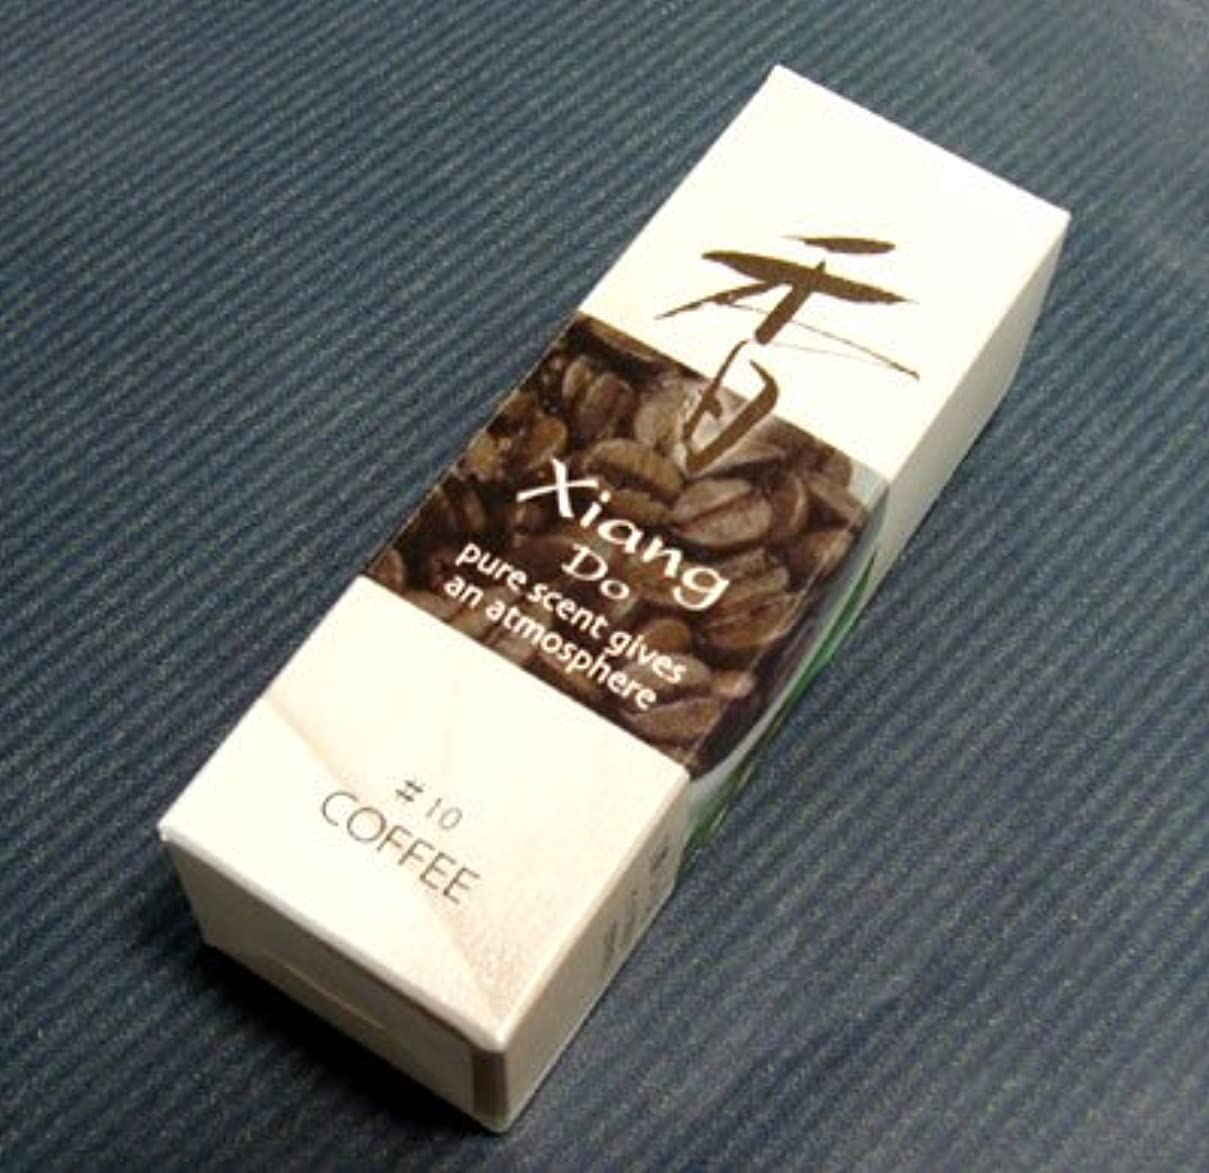 風邪をひく大腿シンプルさコクと苦味のコーヒーの香り 松栄堂【Xiang do コーヒー】スティック 【お香】